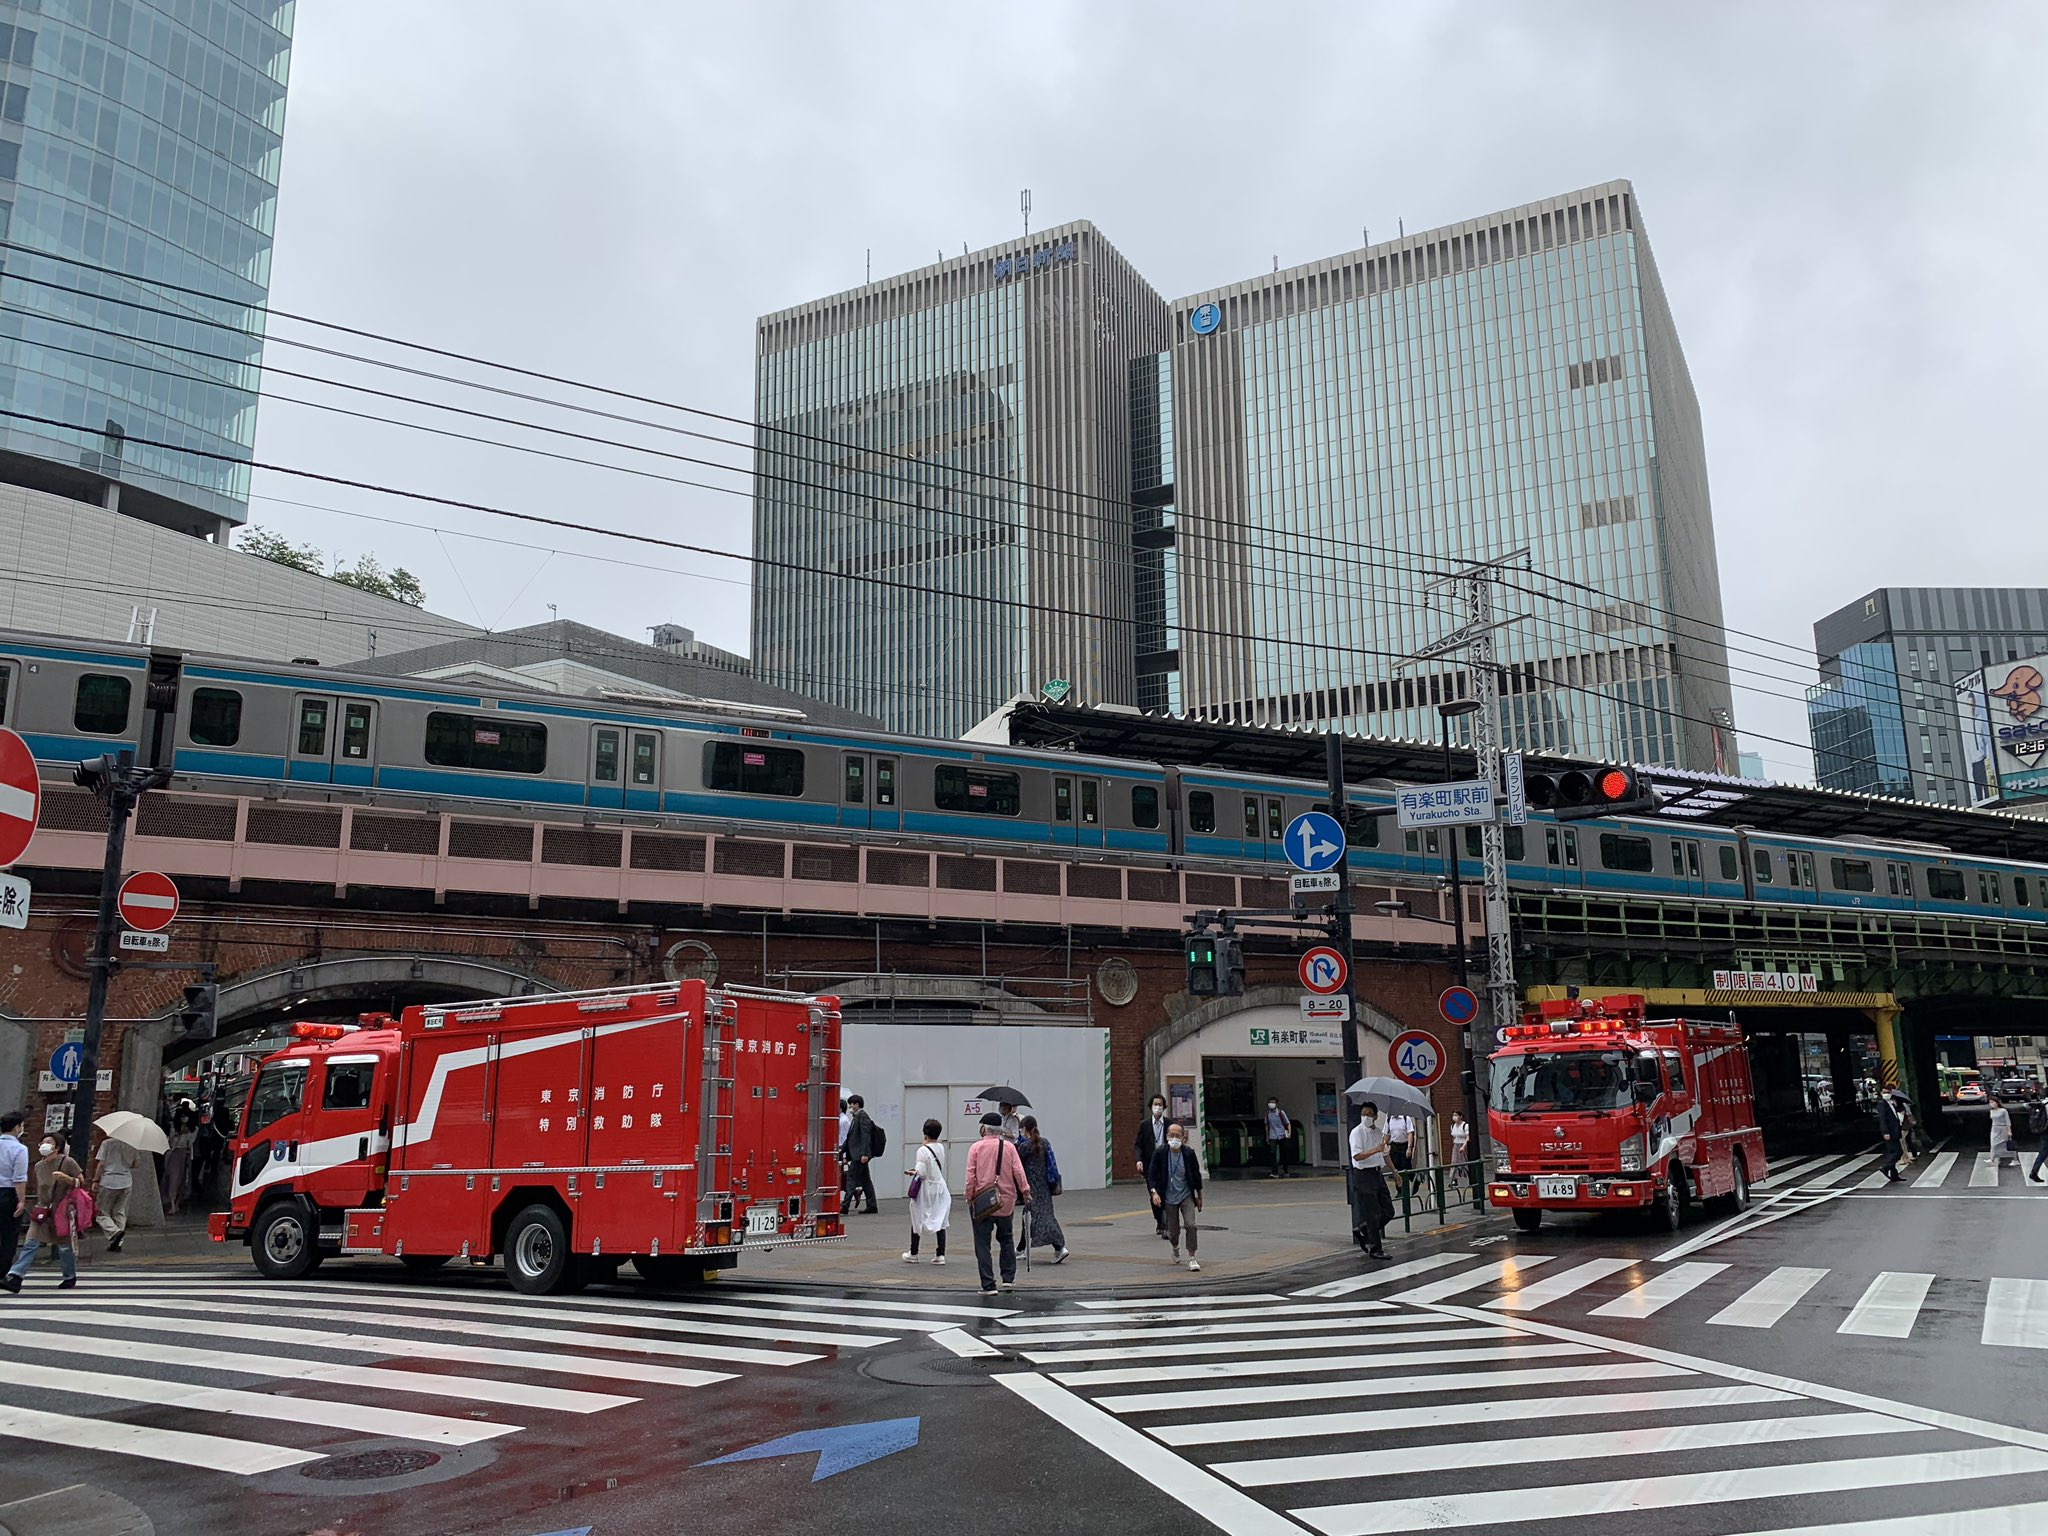 有楽町駅に緊急車両が集結している画像